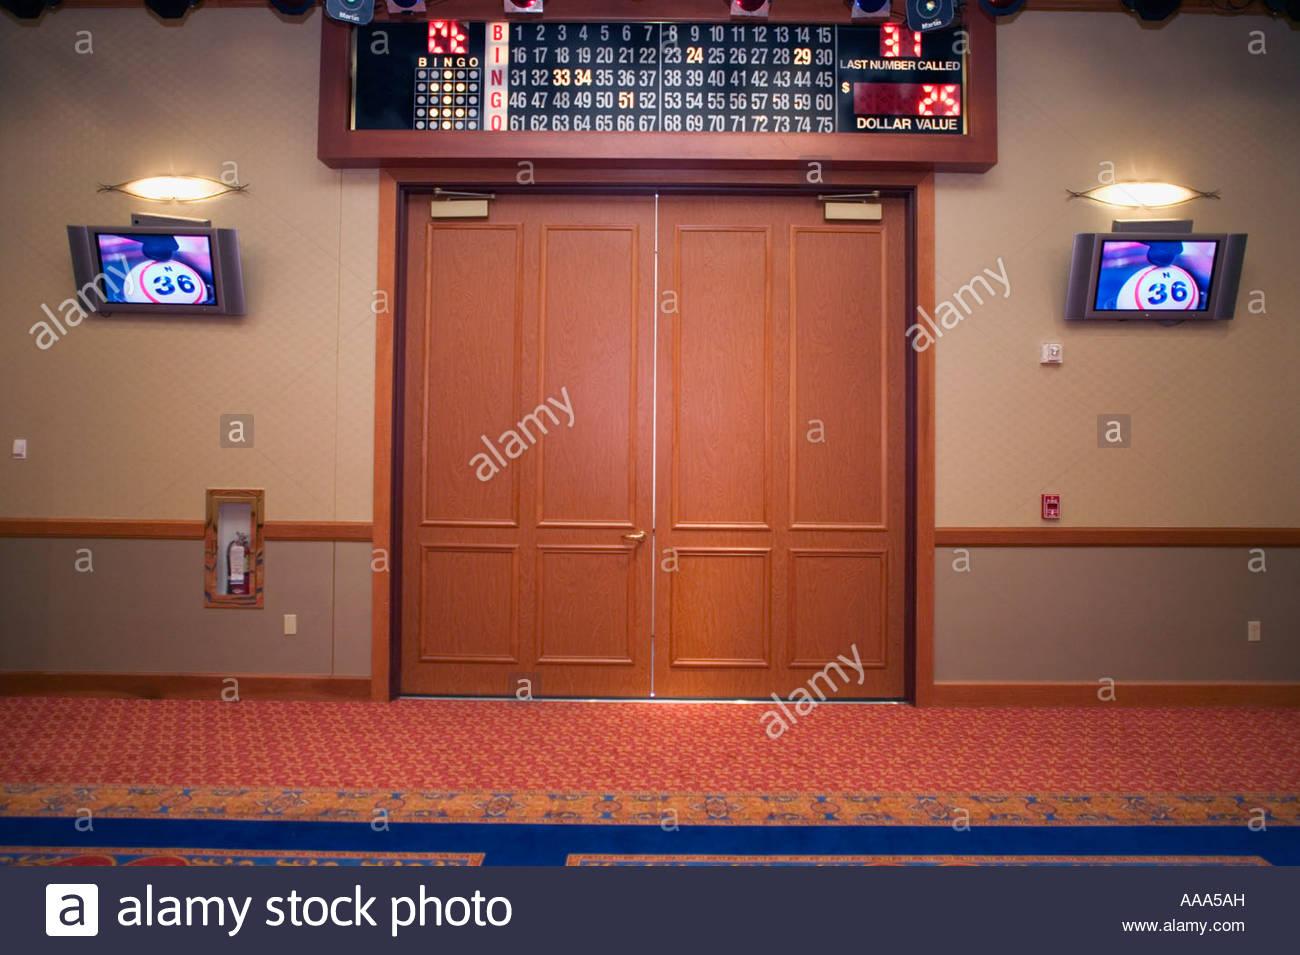 Doors beneath bingo board - Stock Image